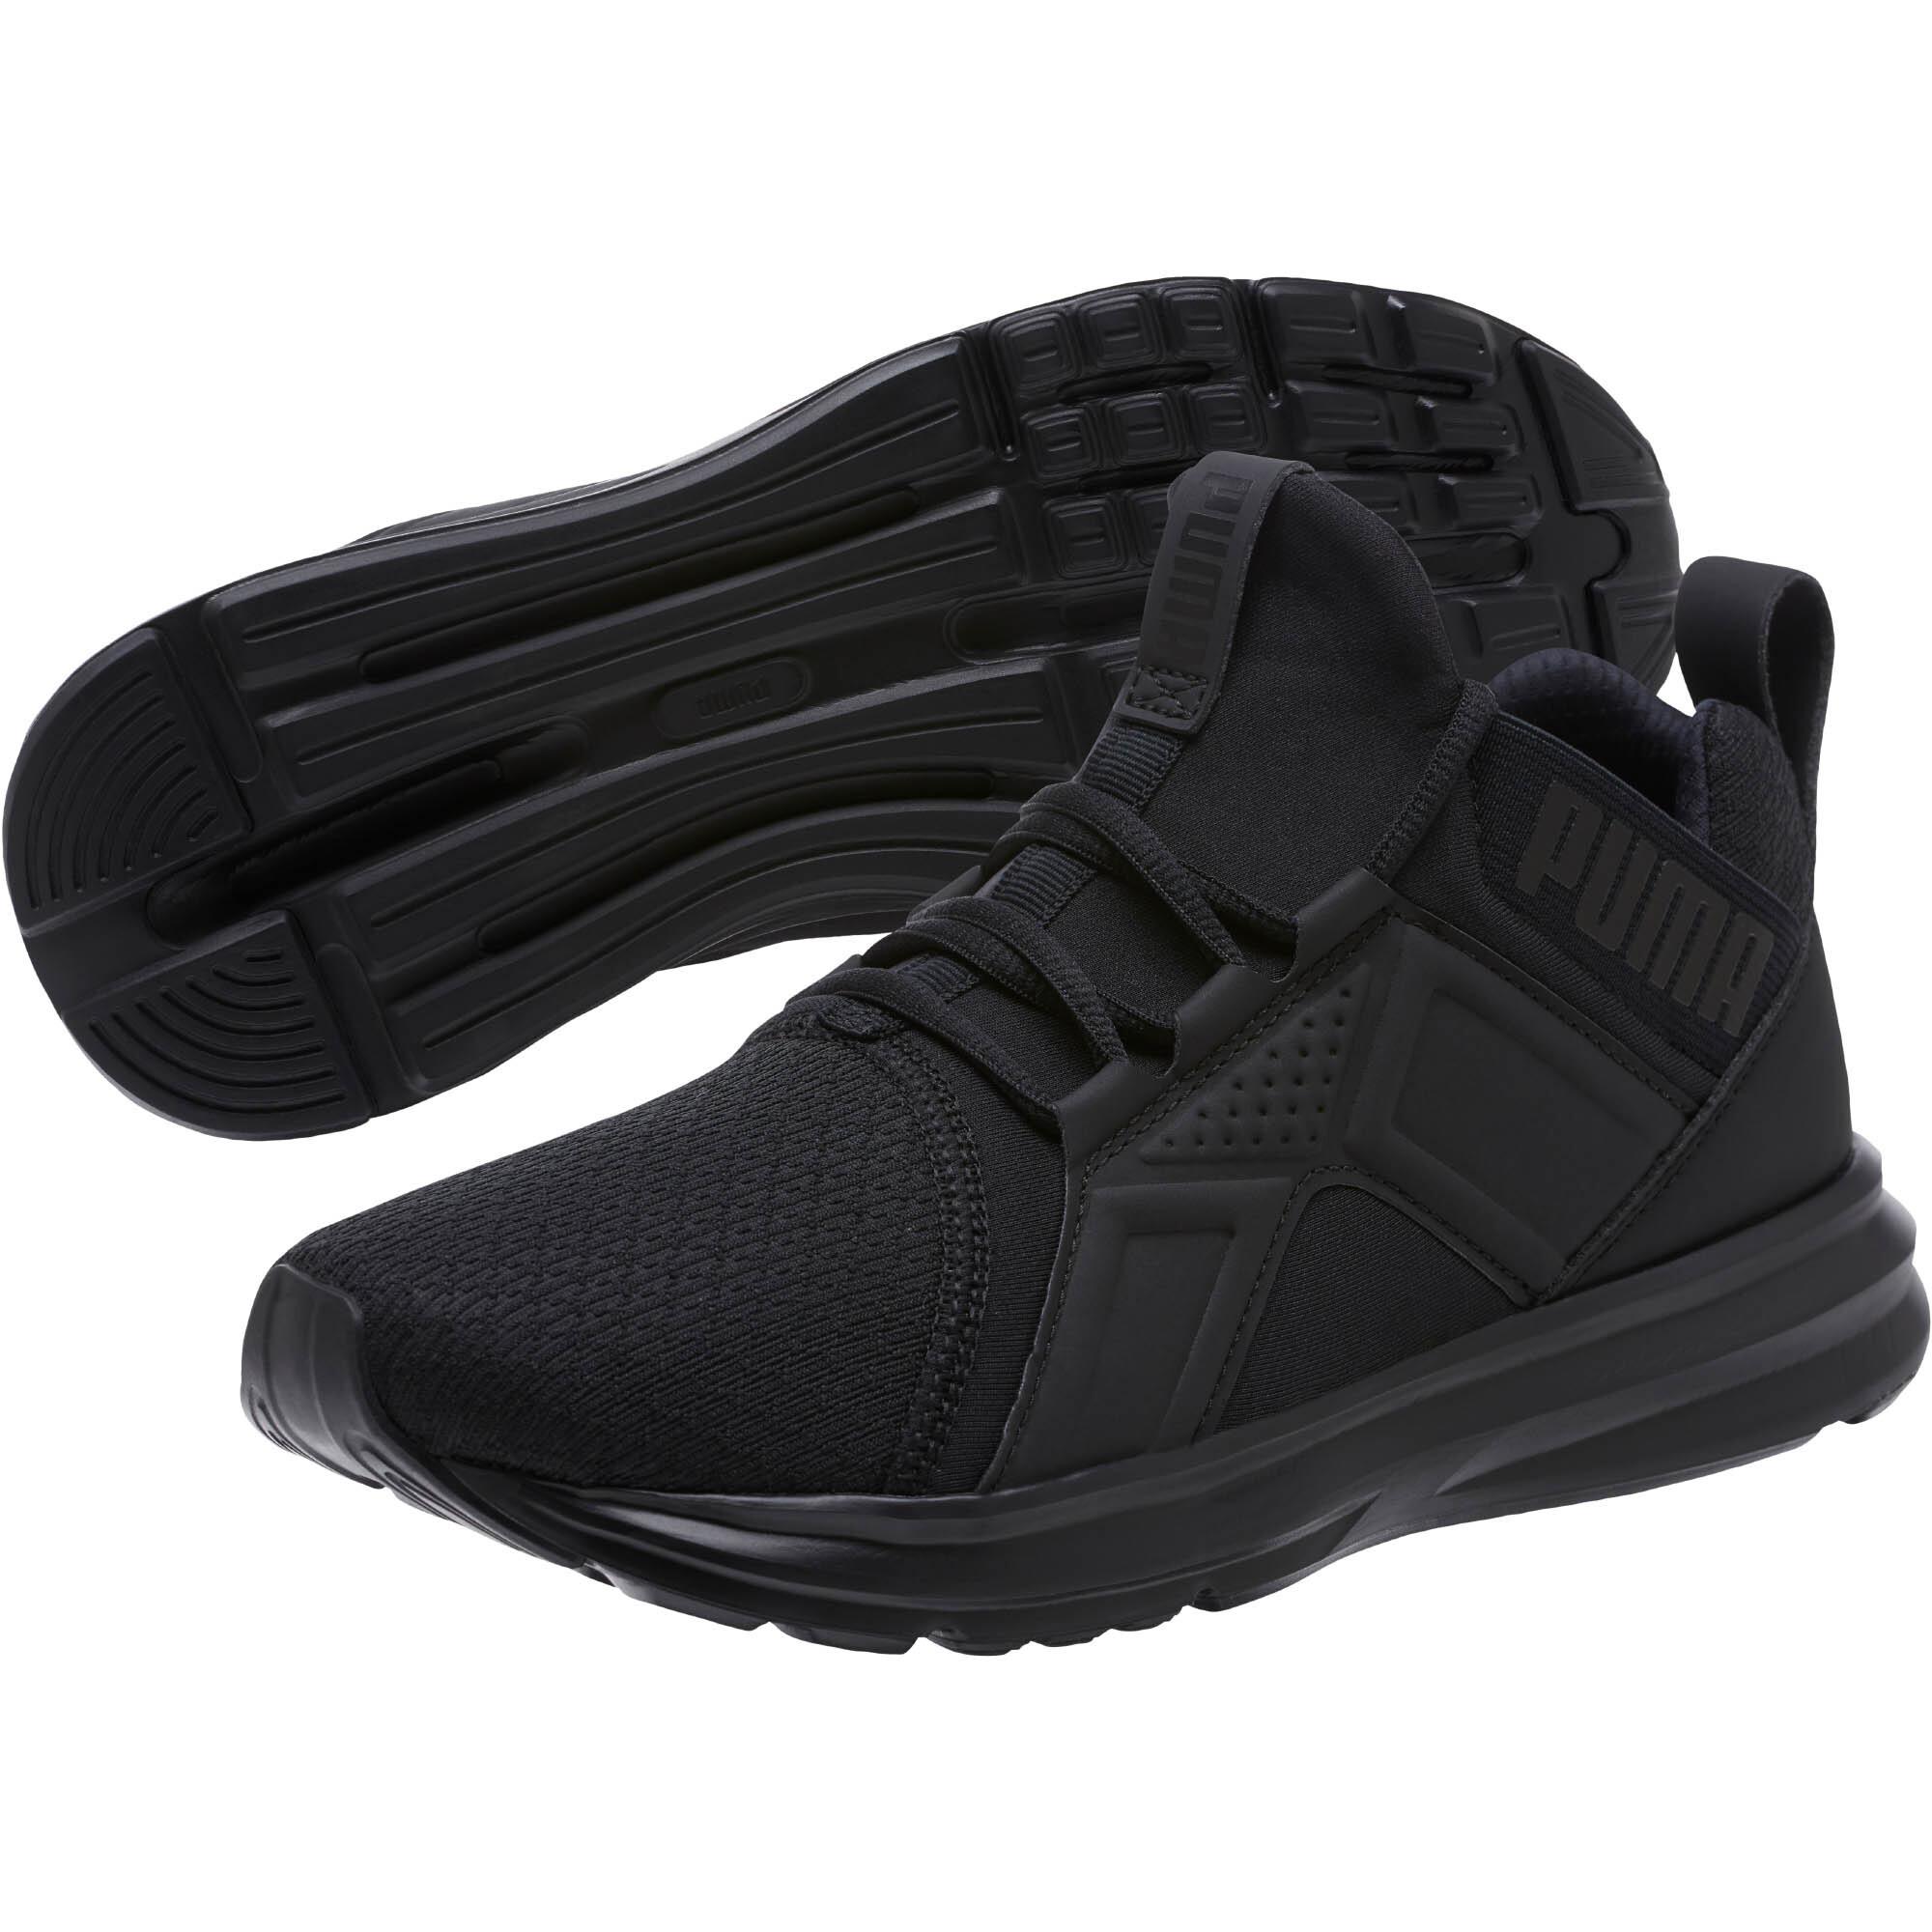 Details about PUMA Zenvo Women's Training Shoes Women Shoe Running